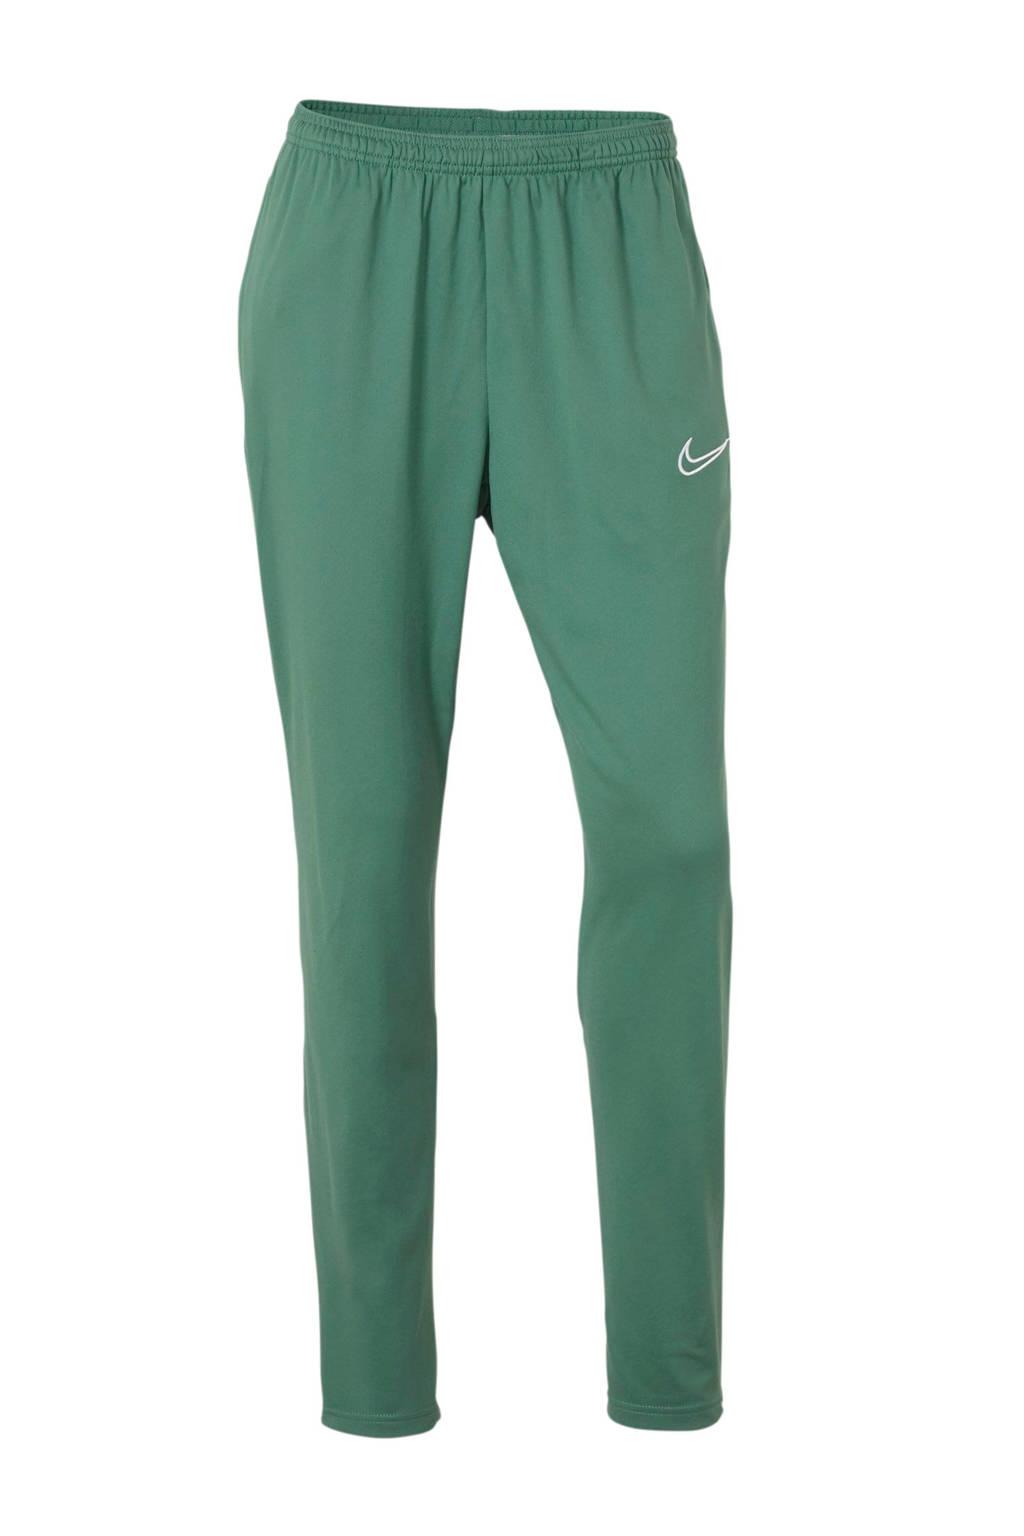 Nike   voetbalbroek groen, Groen